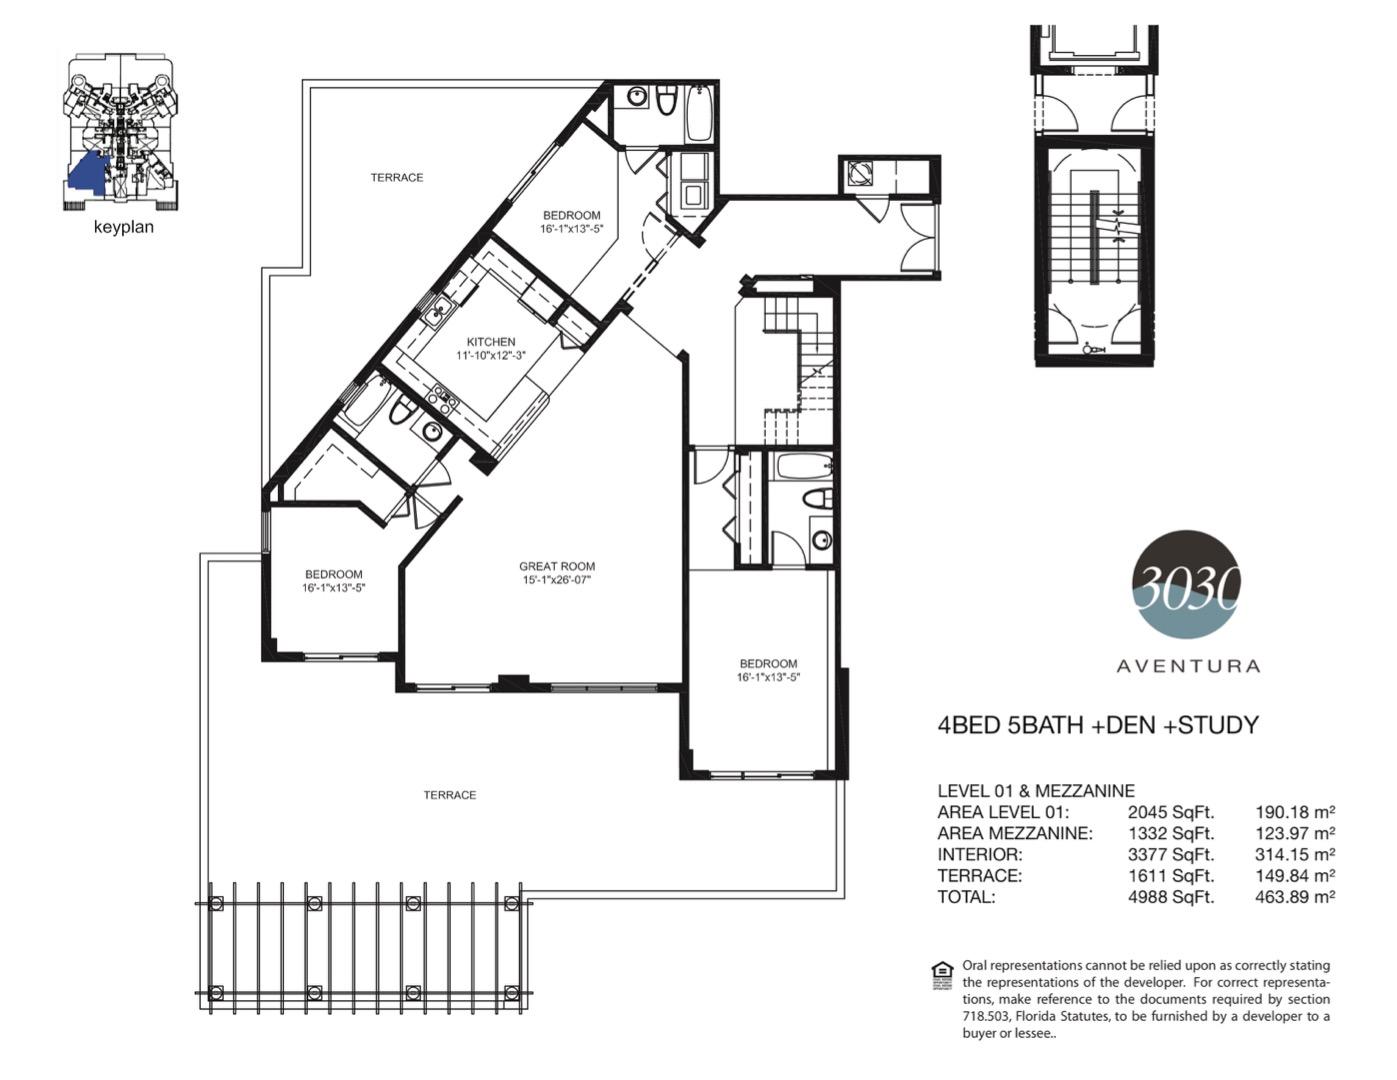 Floor plan image 12 - 4 + Den + Study / 5  - 4988 sqft image